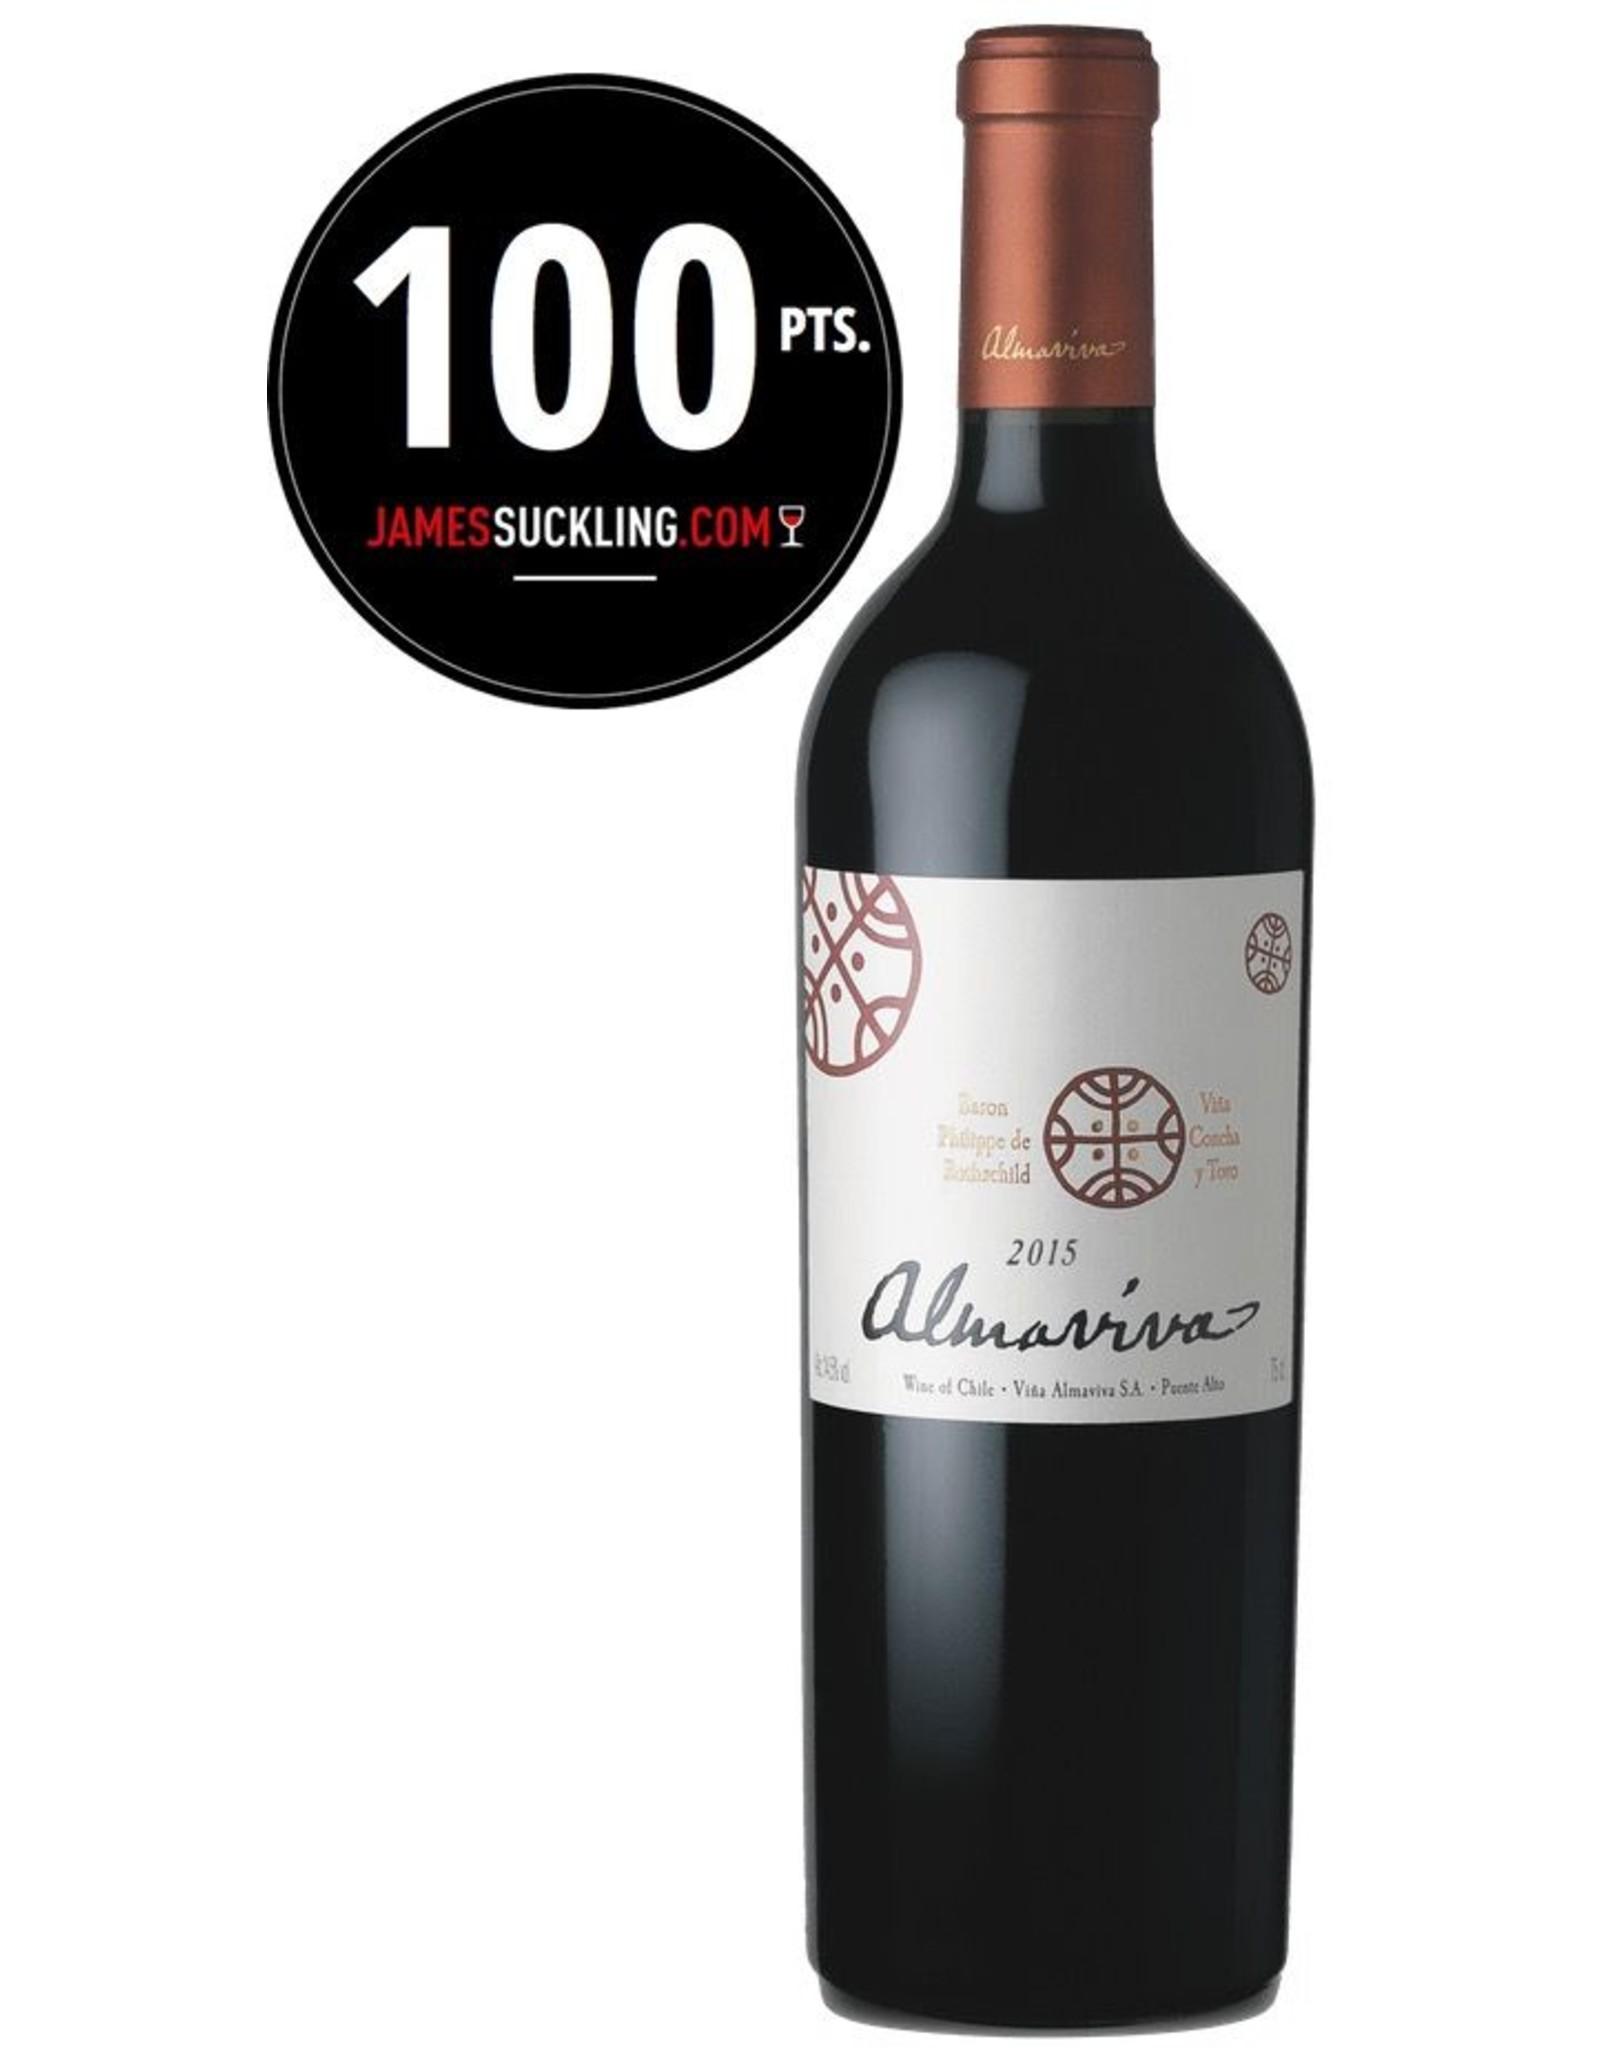 Red Wine 2015, ALMAVIVA by Phillipe De Rotschild and Concha y Toro, Modified Bordeaux Blend, Puente Alto, Maipo Valley, Chile, 14.5%  Alc, JS100 JS#1Top100 of 2017